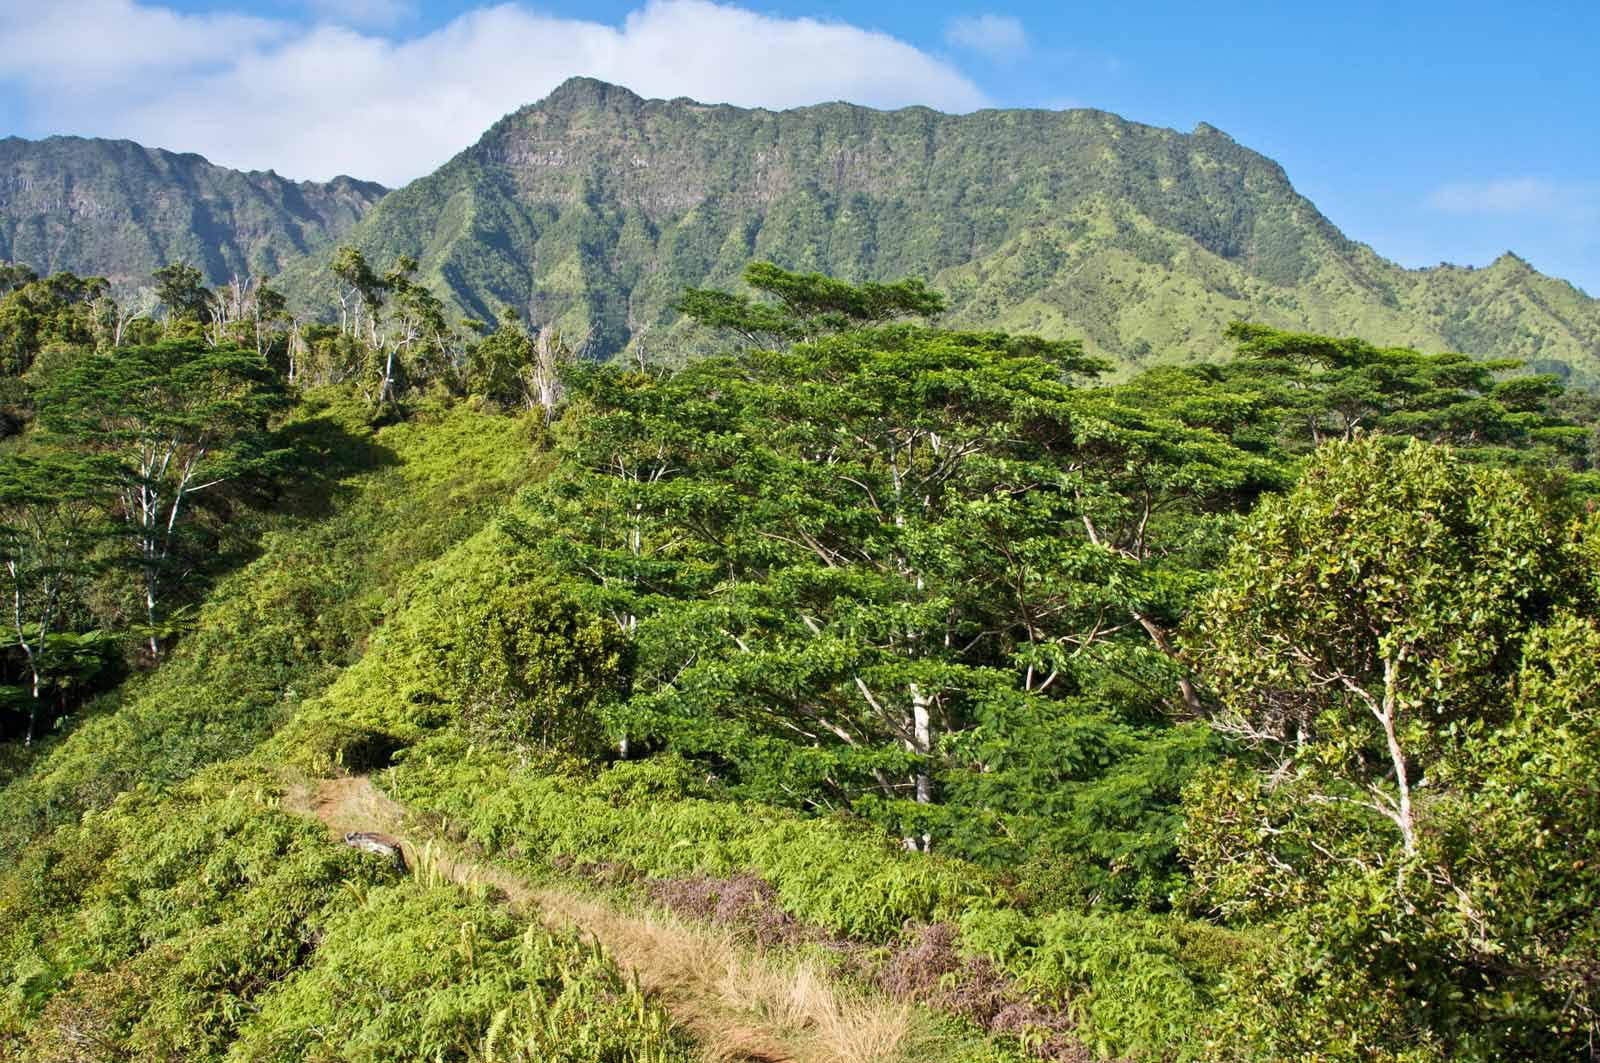 kauai hiking trails kuilau ridge trail